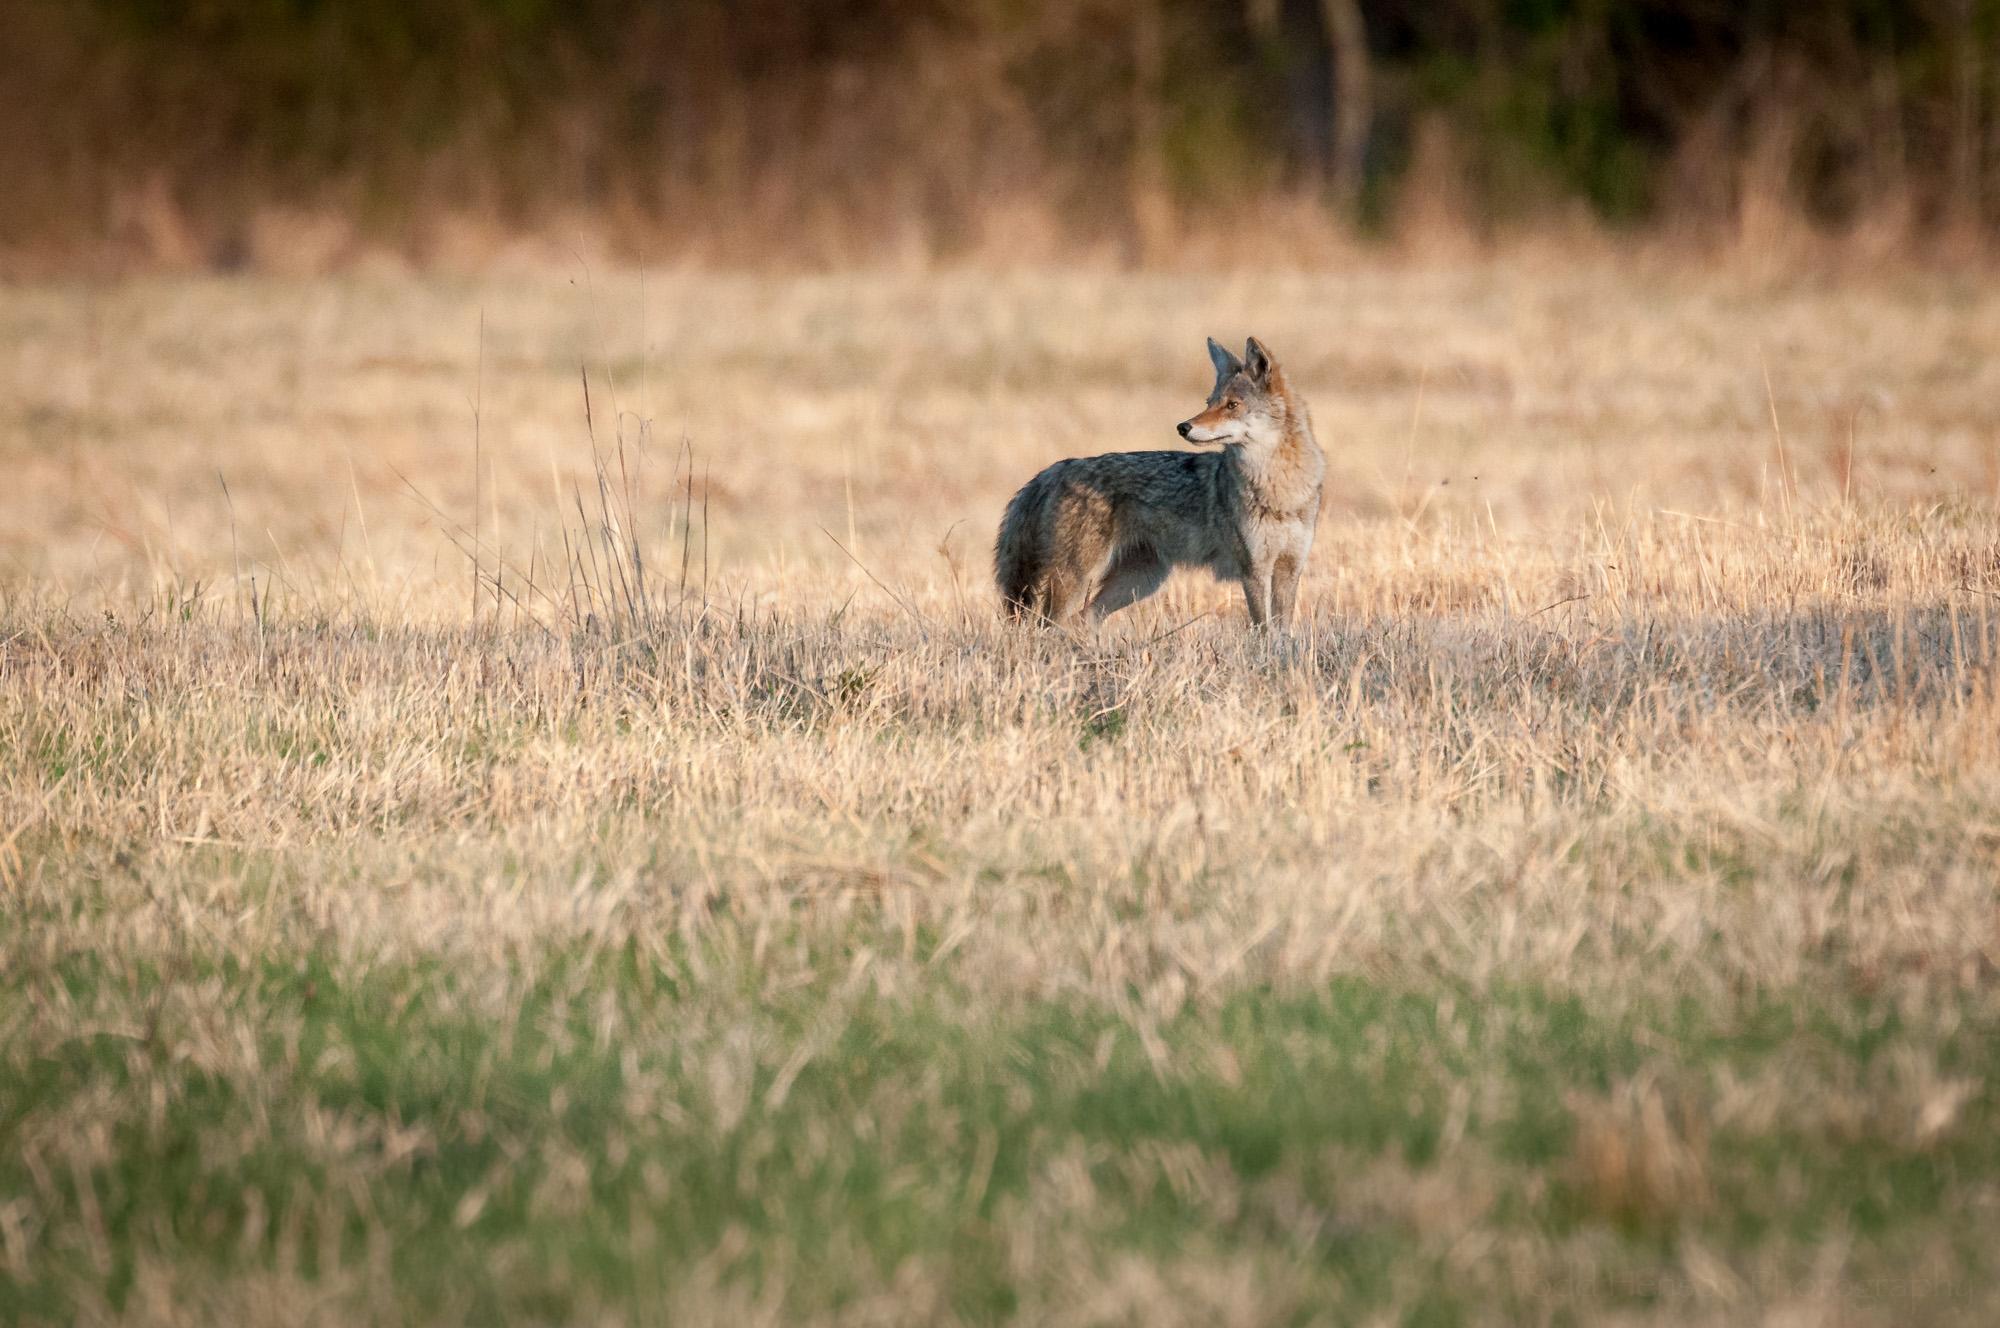 Coyote looking over shoulder